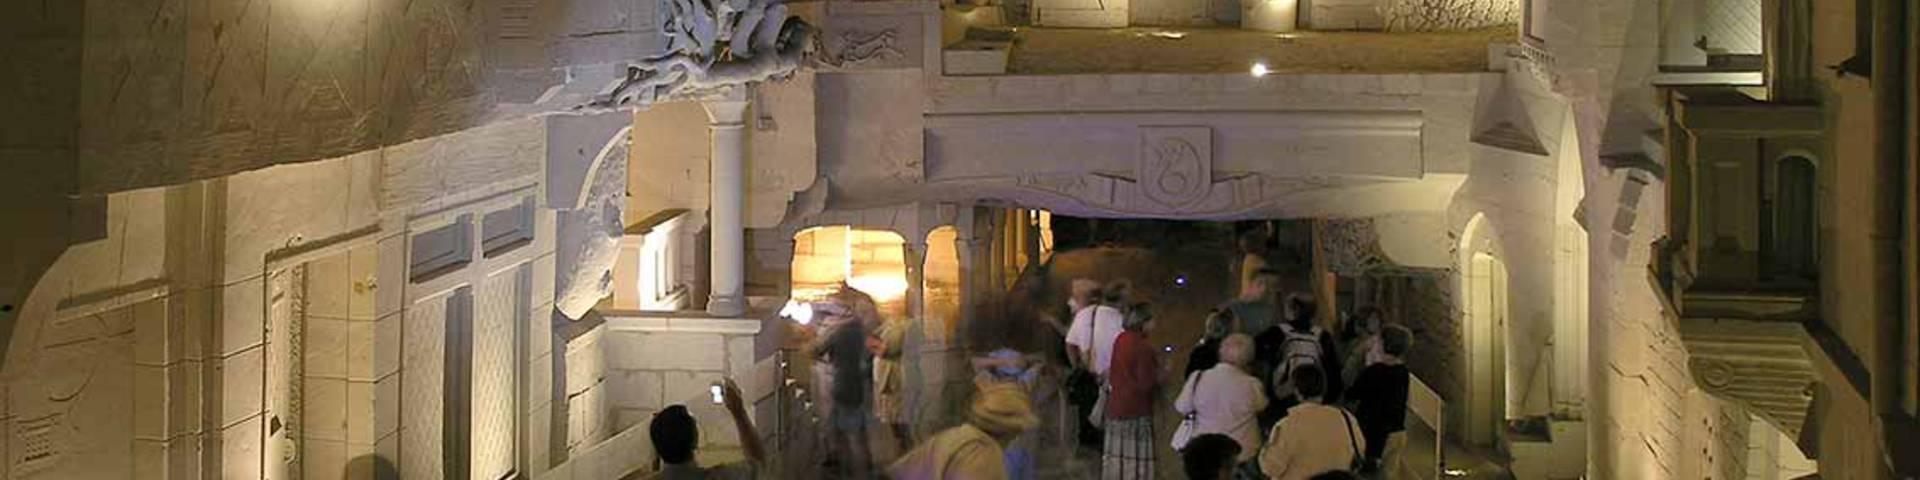 La ville souterraine à Bourré. © Ph. C.Lazi